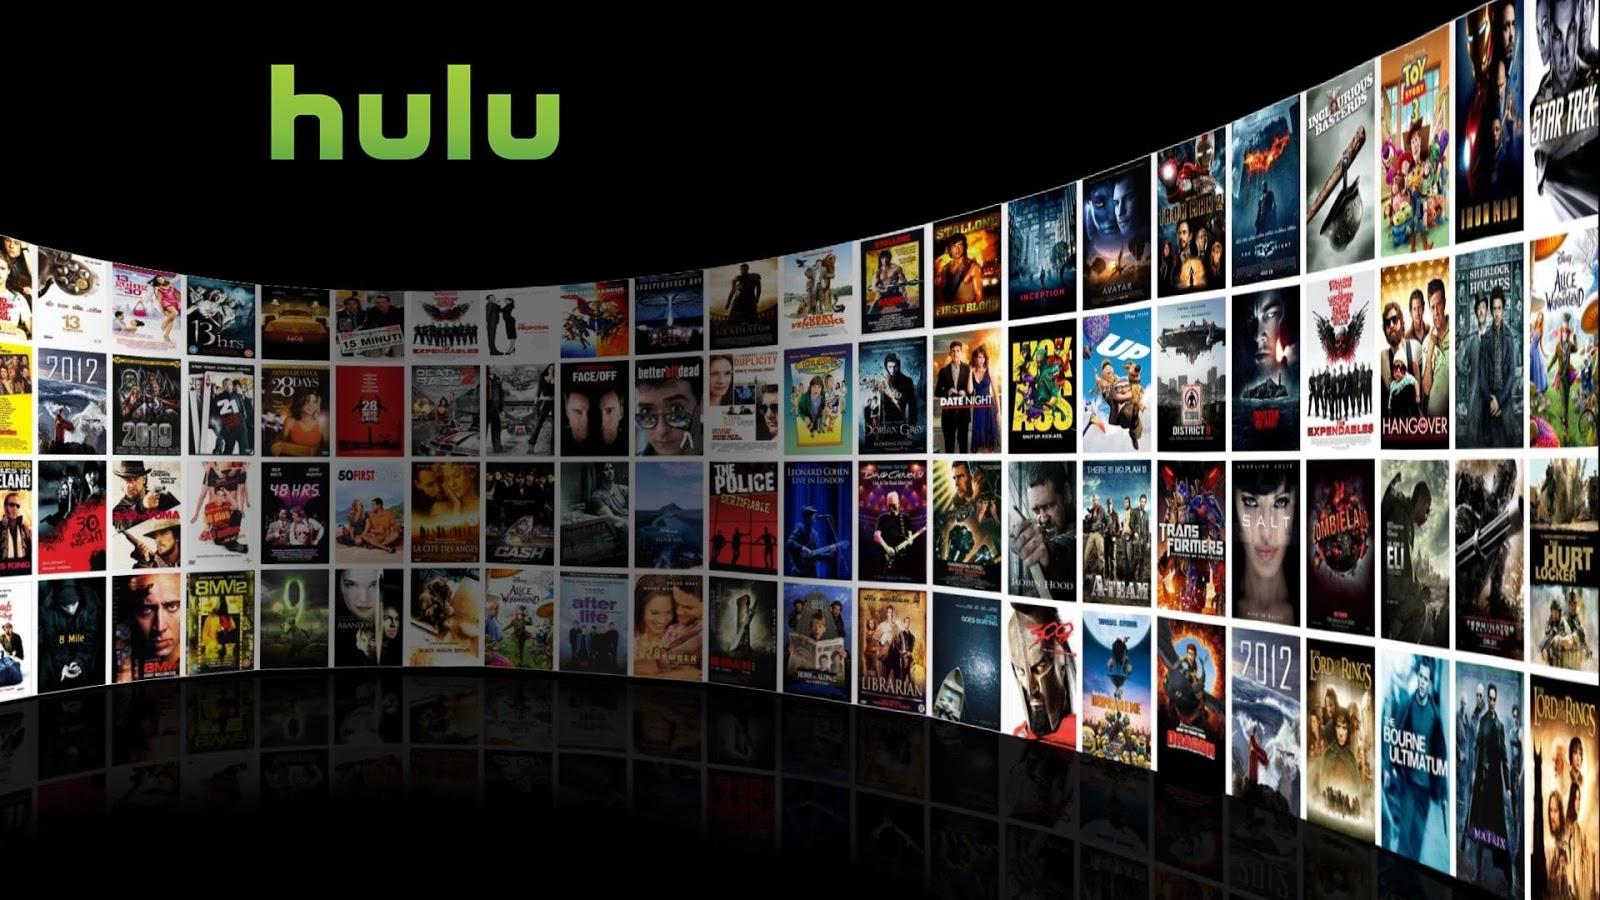 ... Hulu, BBC, Netflix zugreifen: Wie Hulu auch in Deutschland angesehen